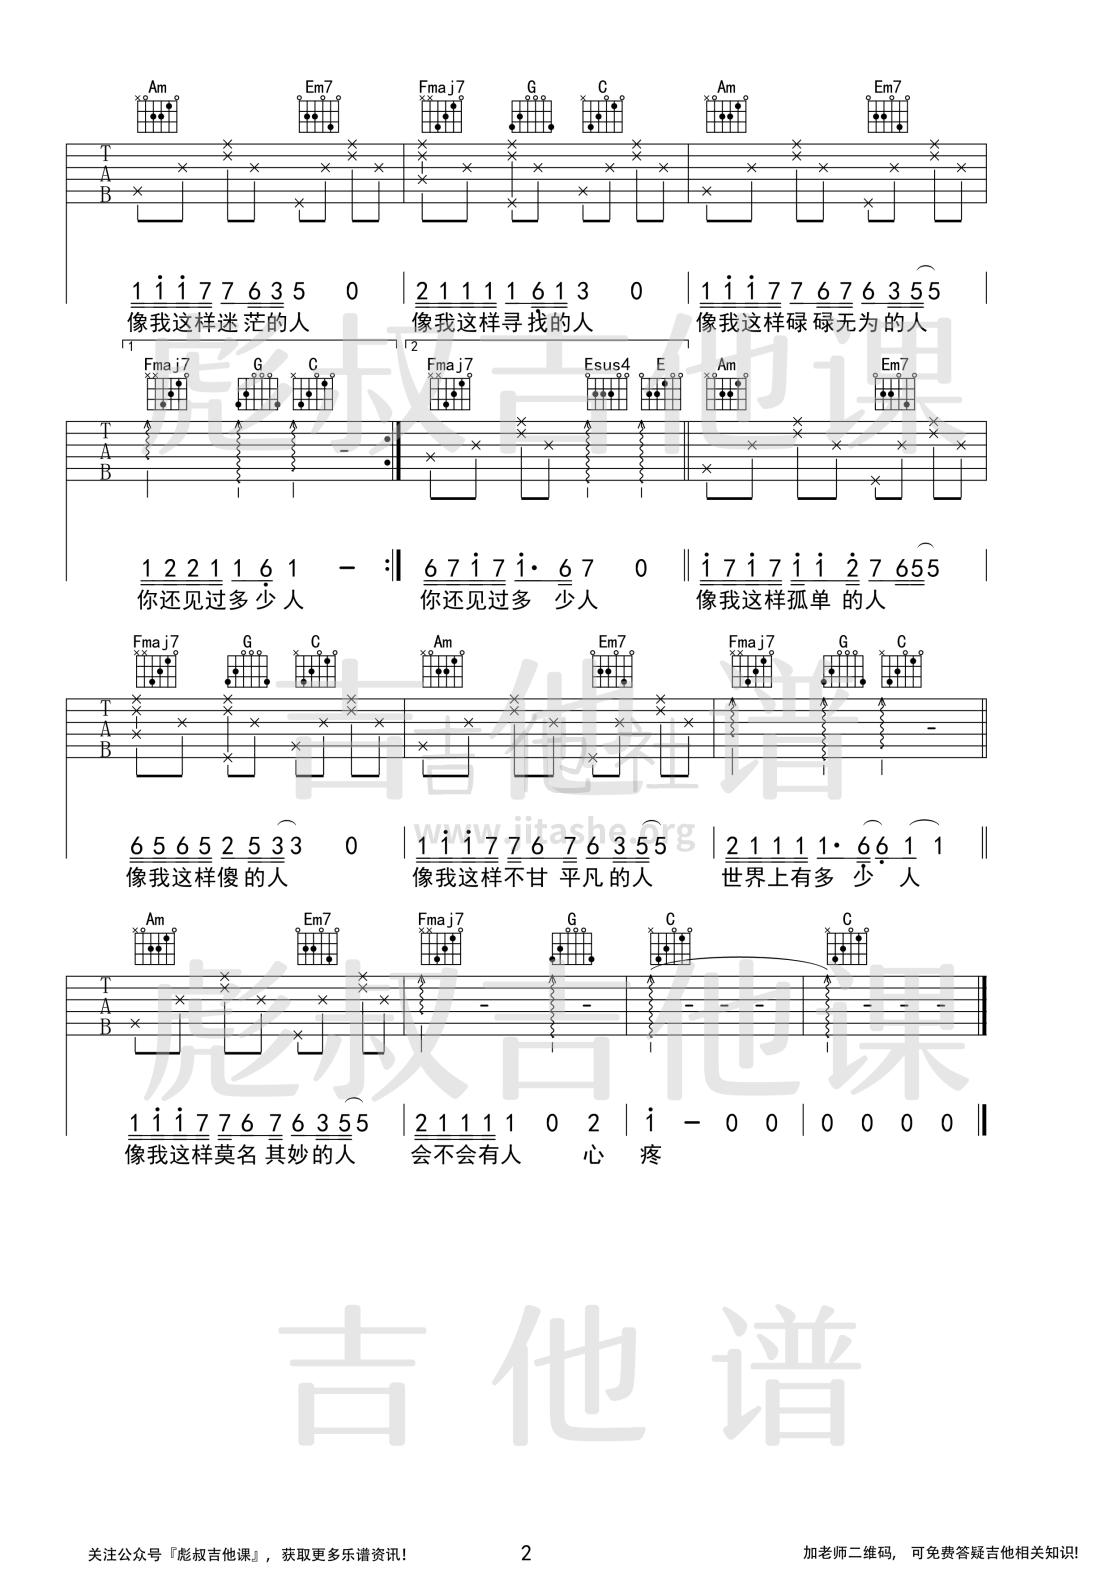 像我这样的人(彪叔吉他课制谱)吉他谱(图片谱,吉他谱,简单版,弹唱)_毛不易(王维家)_像我这样的人 校订_2.png